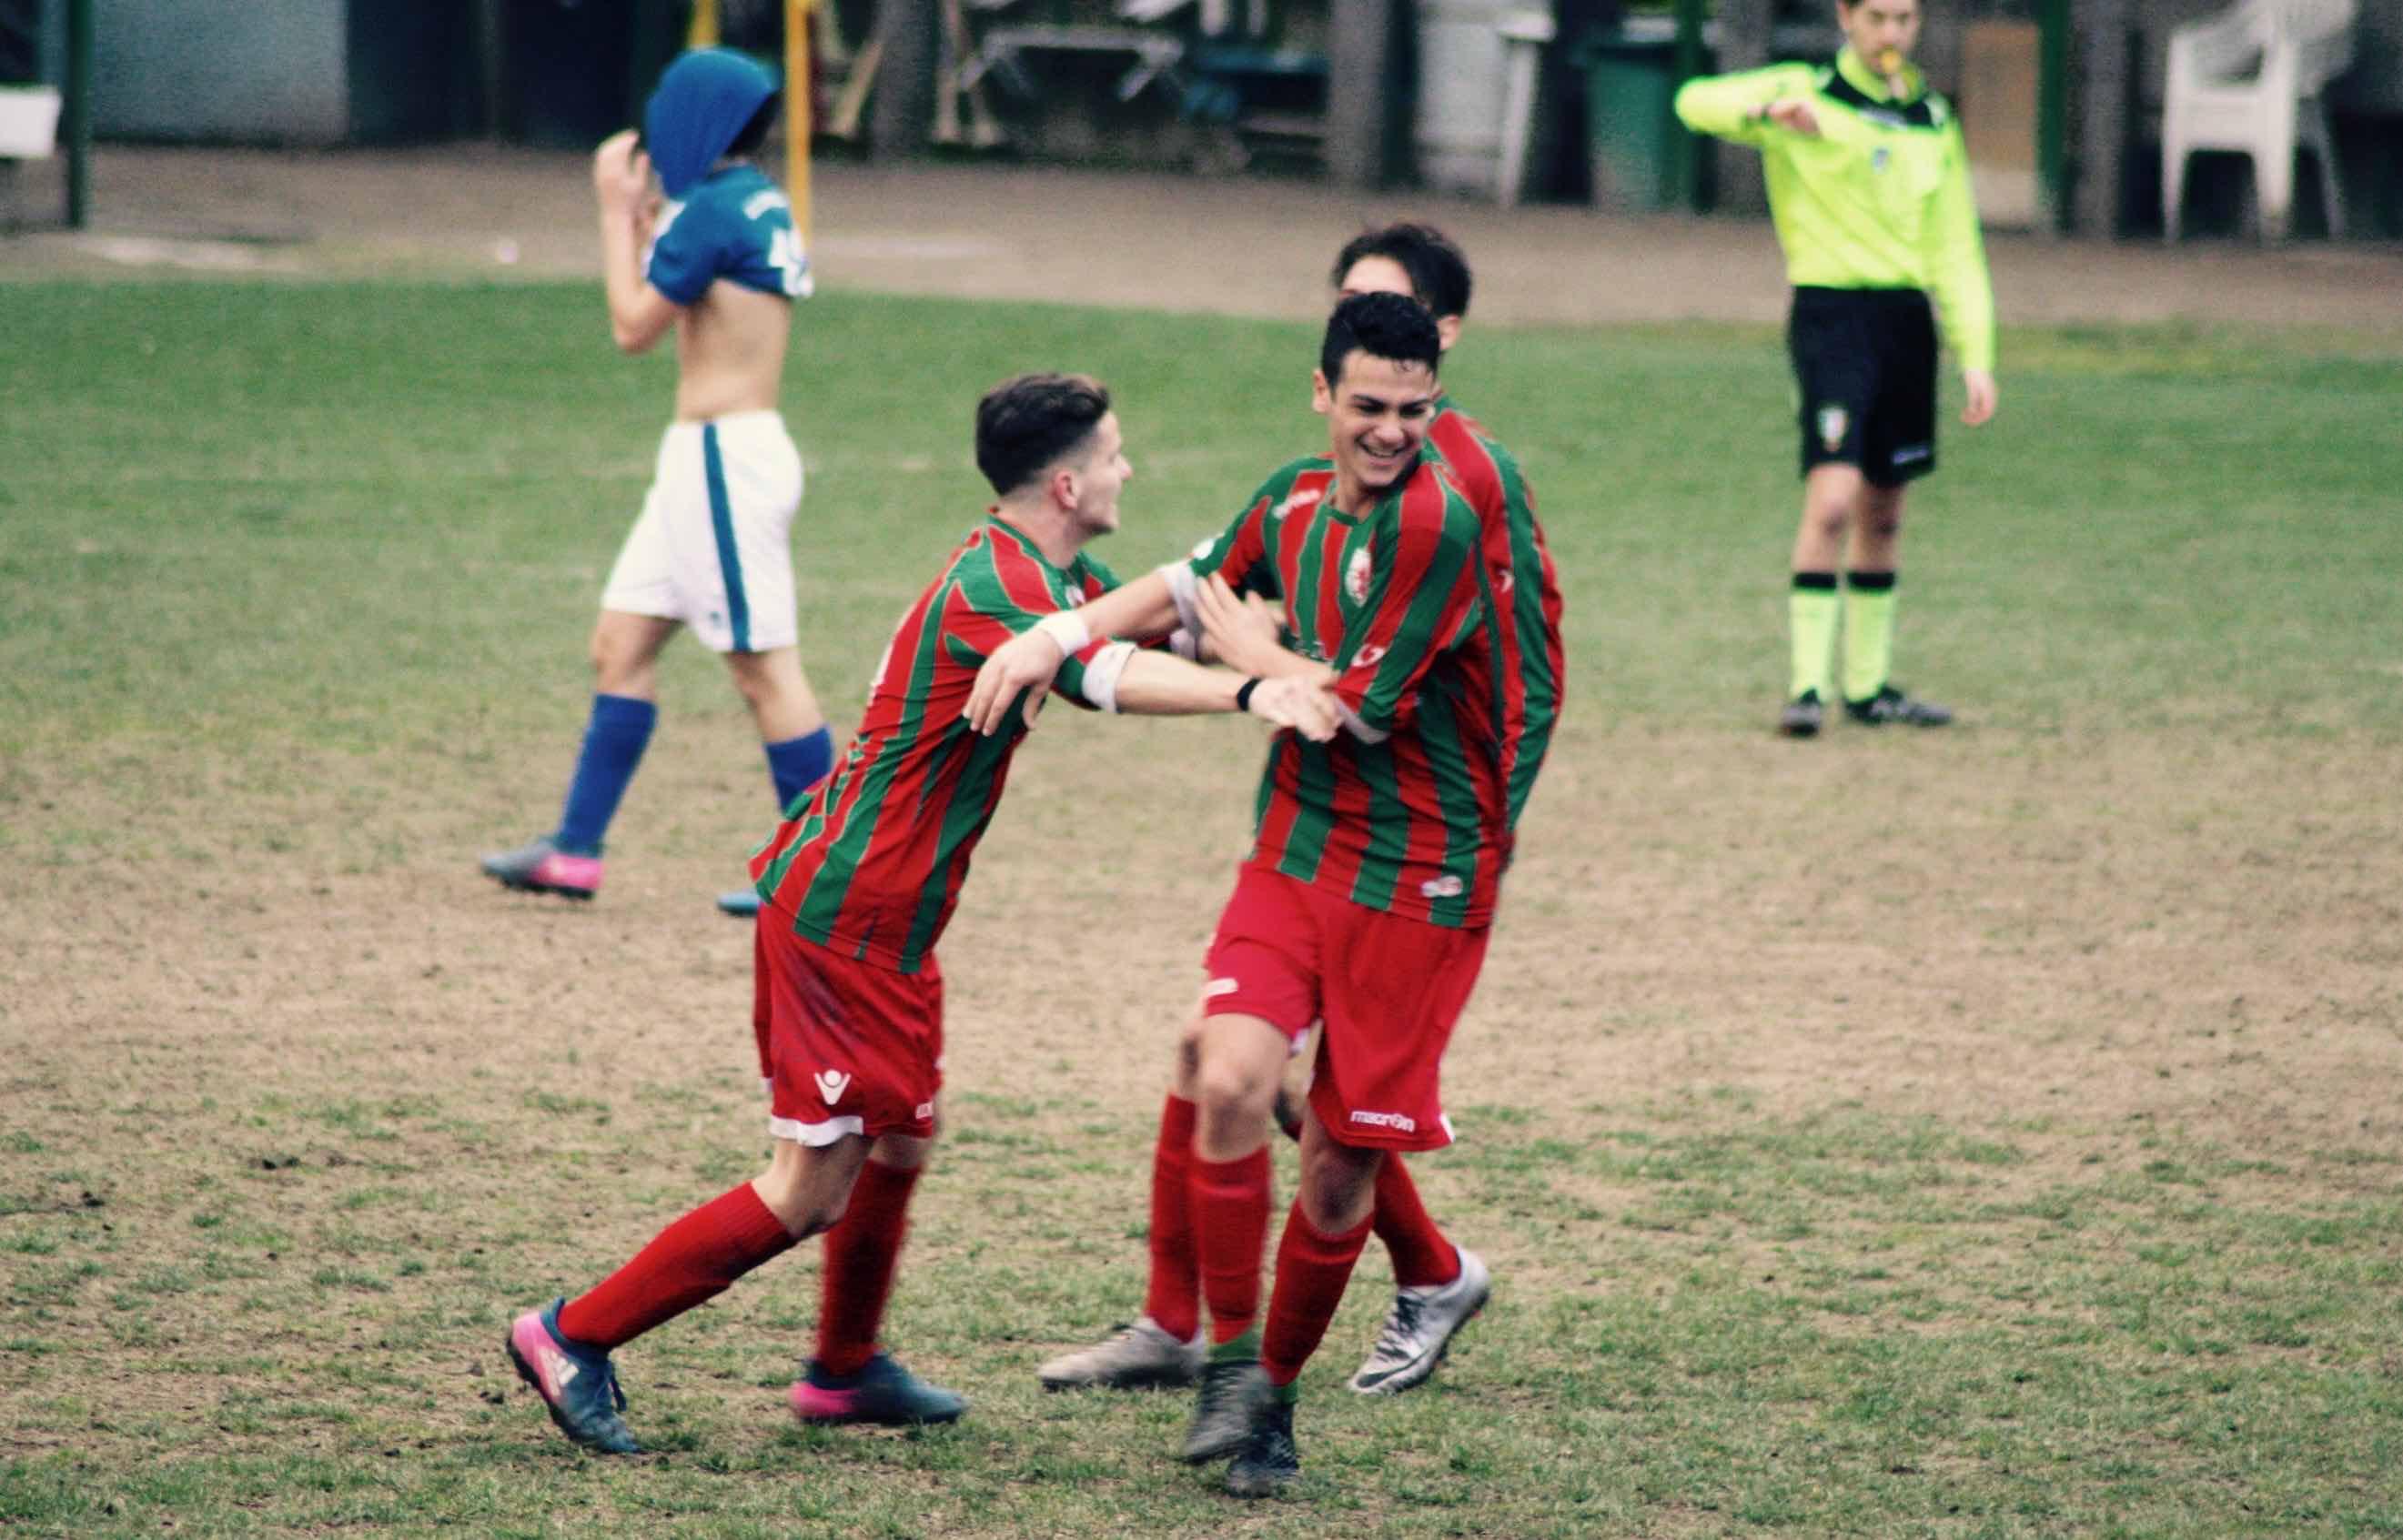 Vicini ne fa due e il derby juniores stavolta rossoverde - Bagno a ripoli calcio ...